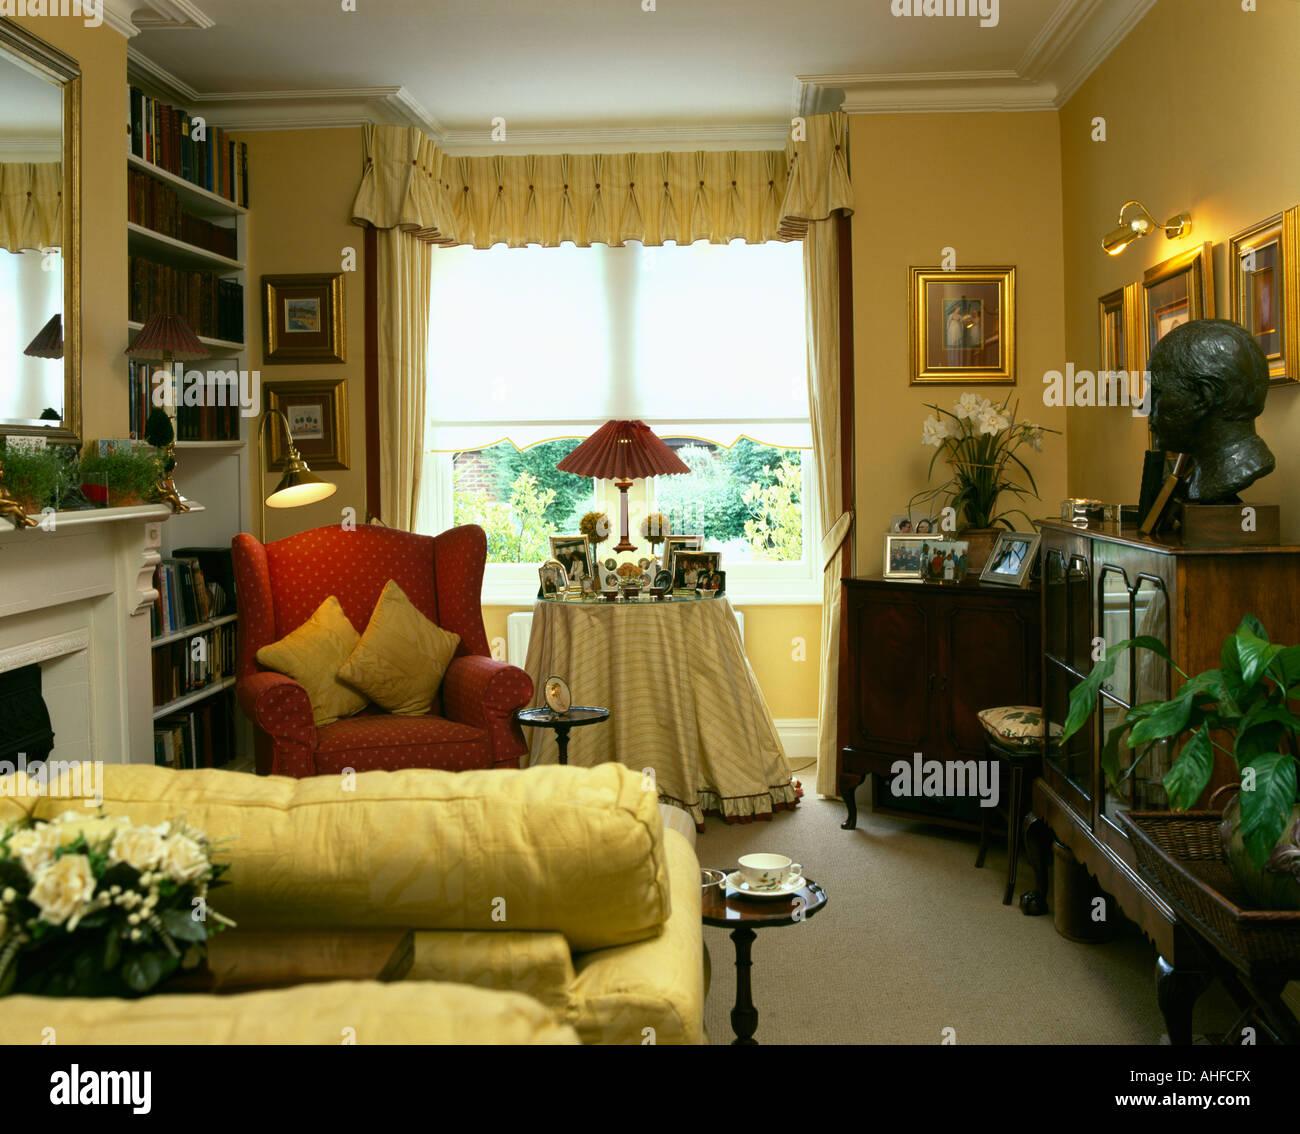 Gelbes Sofa U0026 Roten Sessel Gelb Der Neunziger Jahre Wohnzimmer Mit Gelben  Vorhänge Und Gelbes Tuch Auf Tisch Vor Fenster